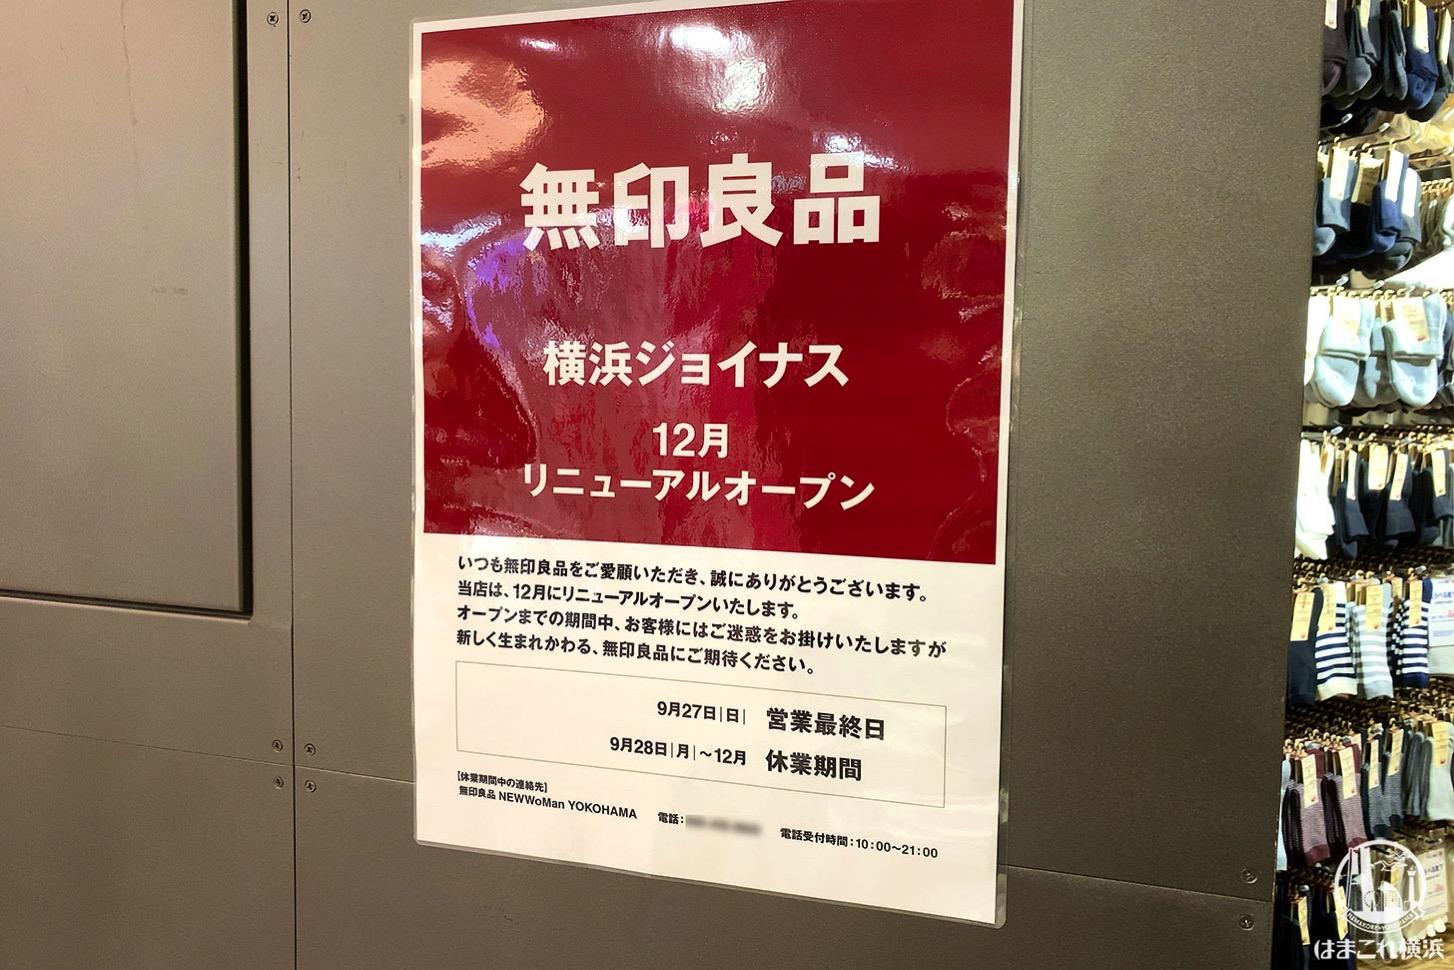 無印良品 横浜ジョイナス リニューアルオープンのお知らせ